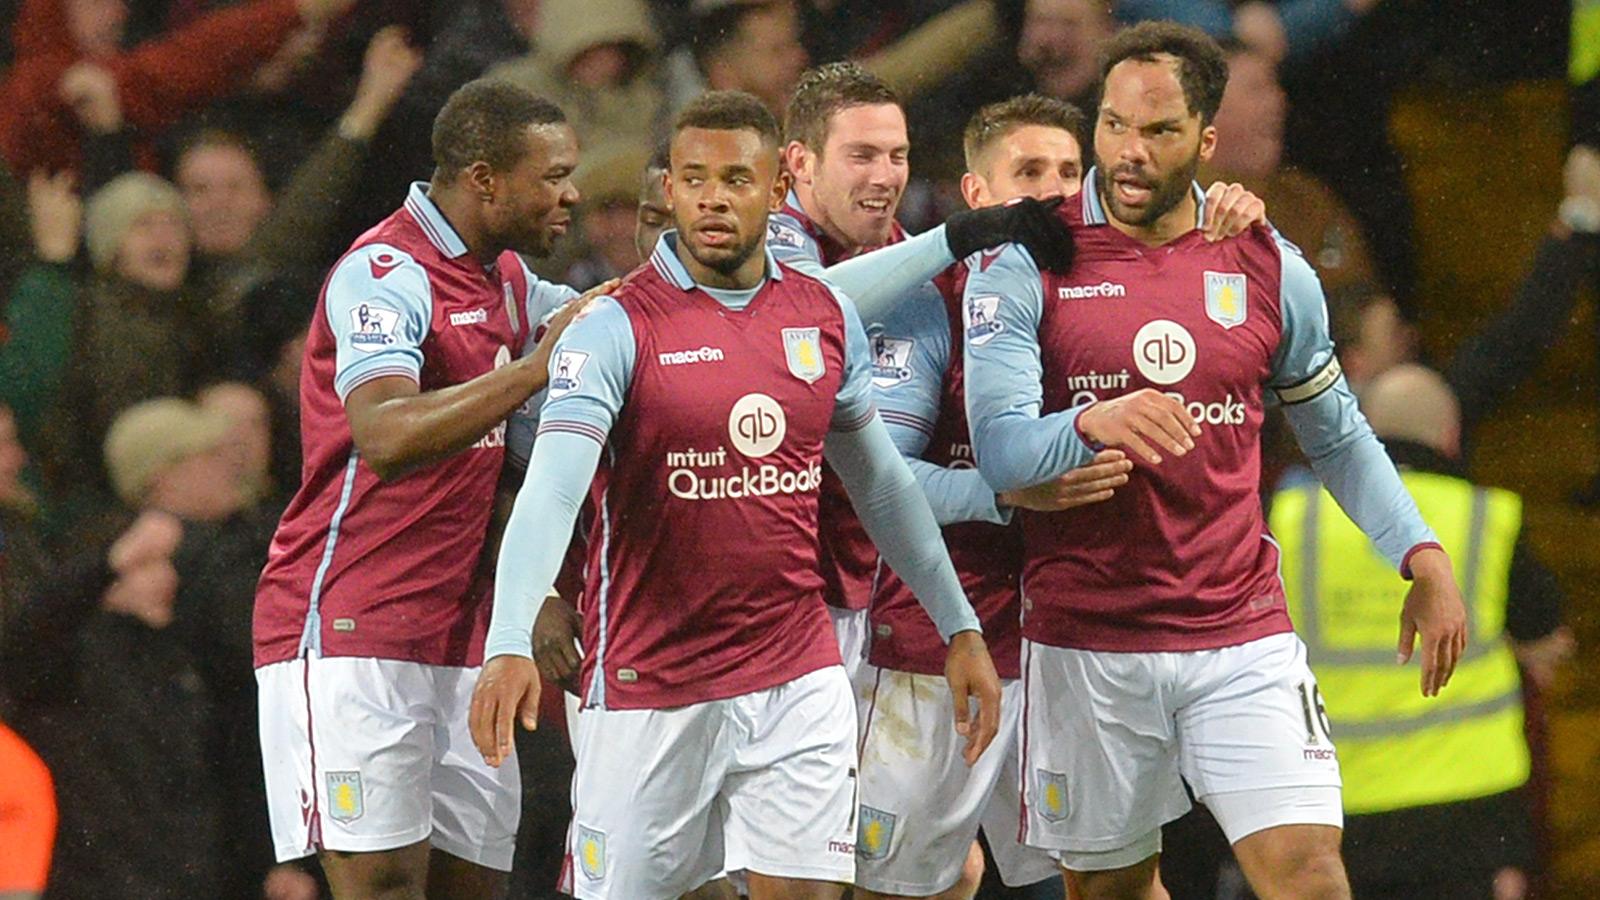 Premier League: Villa edge Palace; West Ham roll Bournemouth